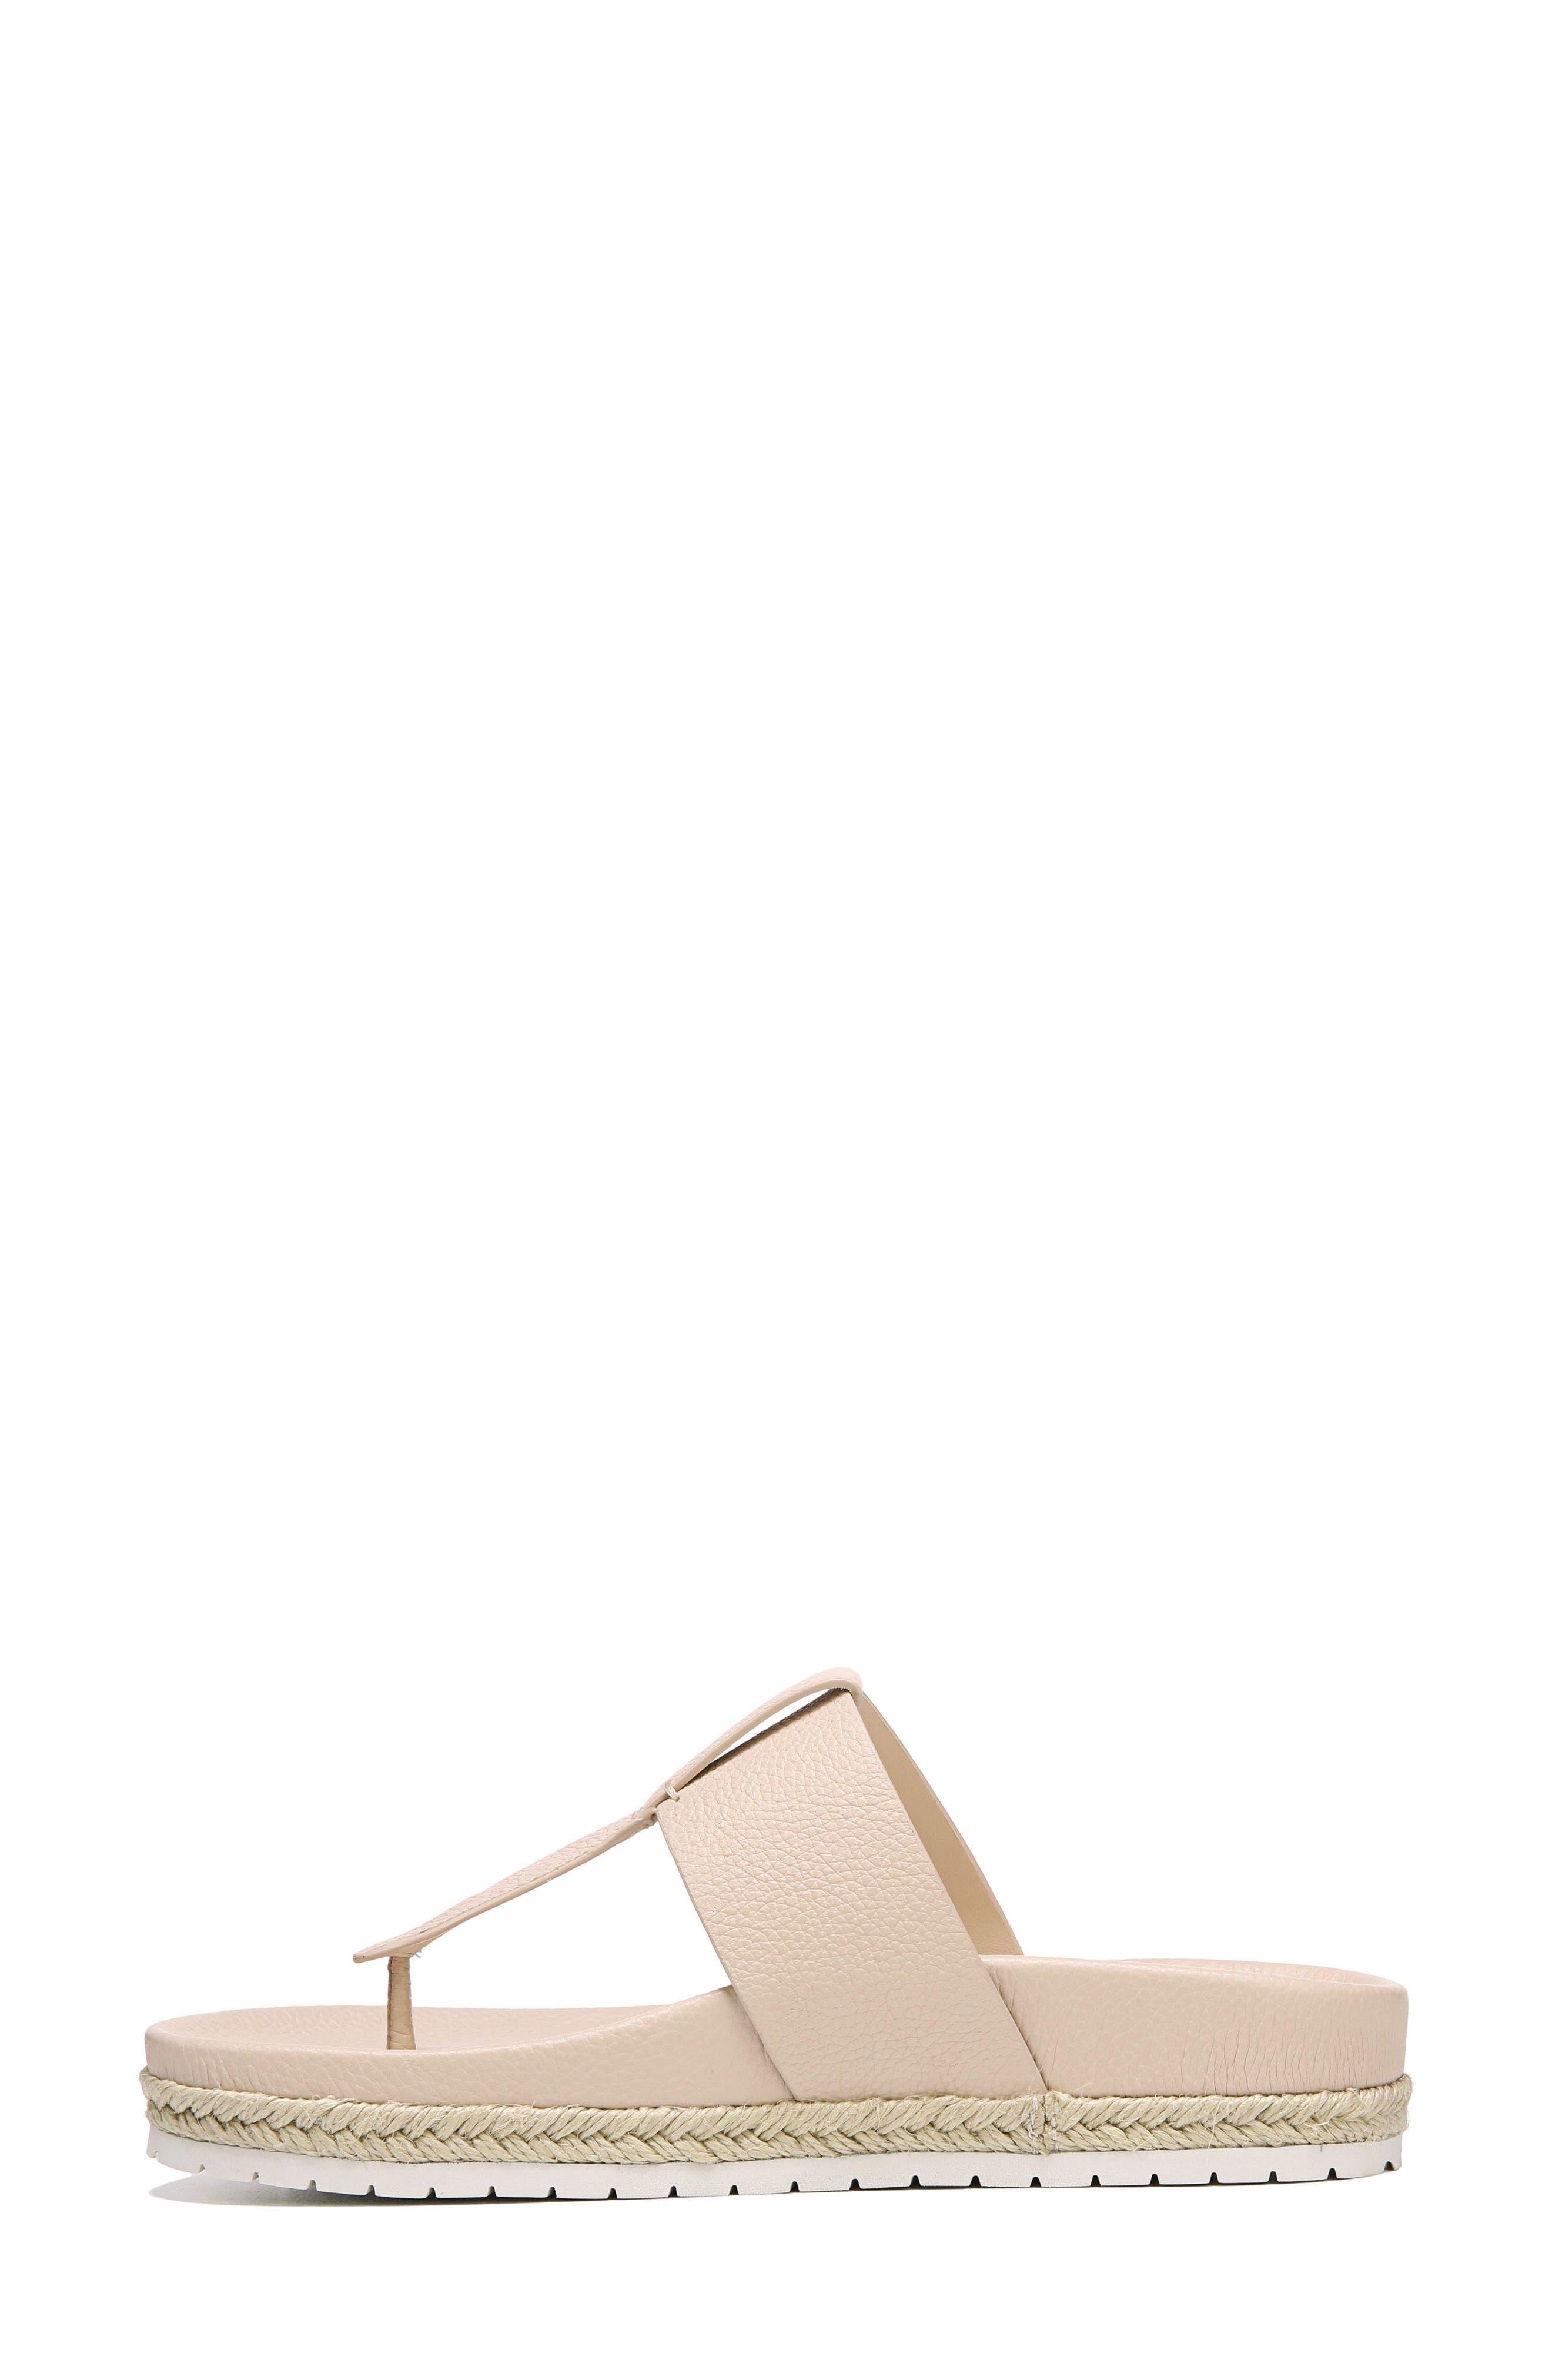 Avani T-Strap Flat Sandal,                             Alternate thumbnail 12, color,